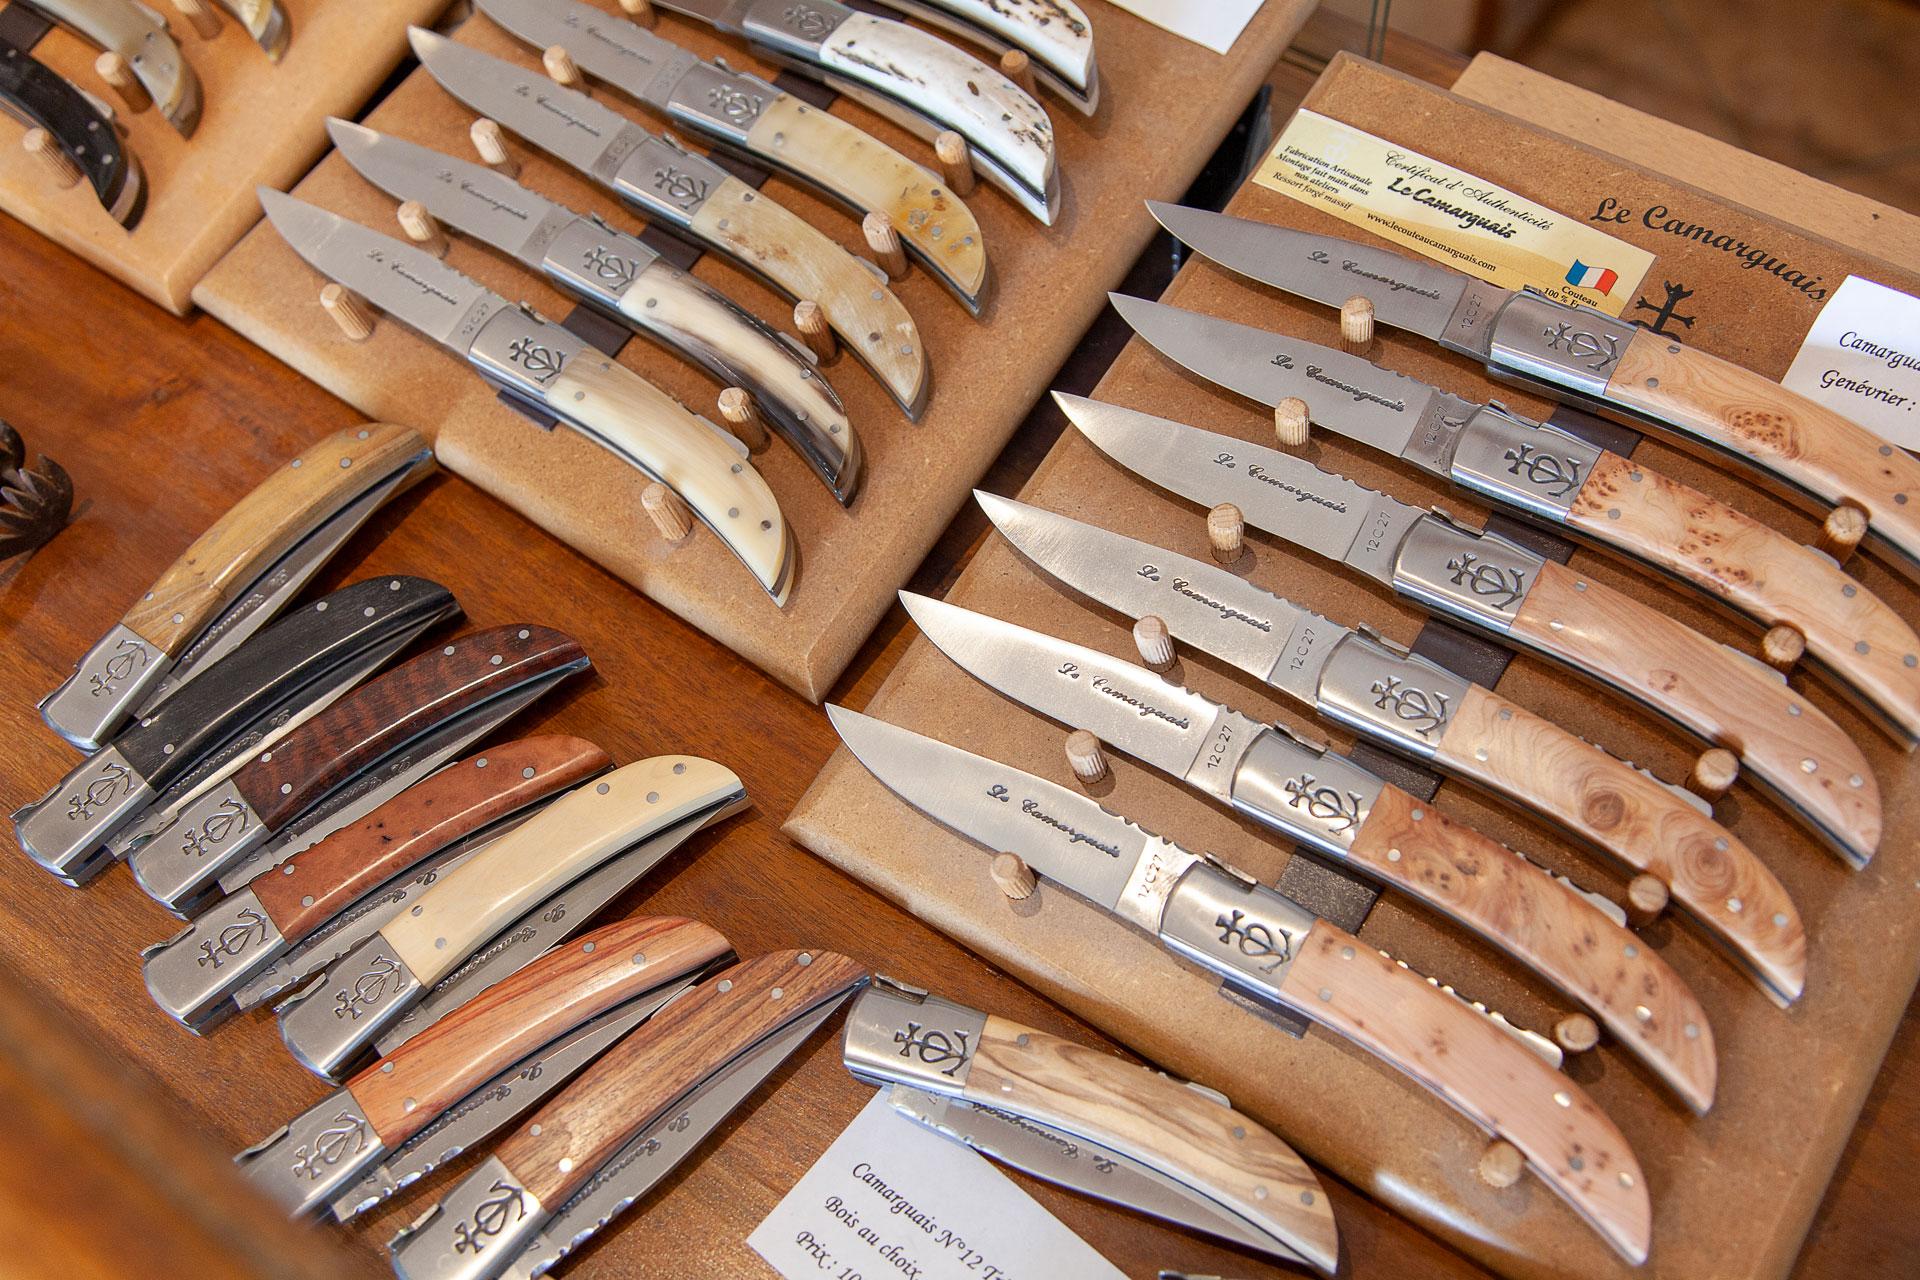 Vente en ligne de couteau traditionnel français Coutellerie Le Camarguais à Nîmes